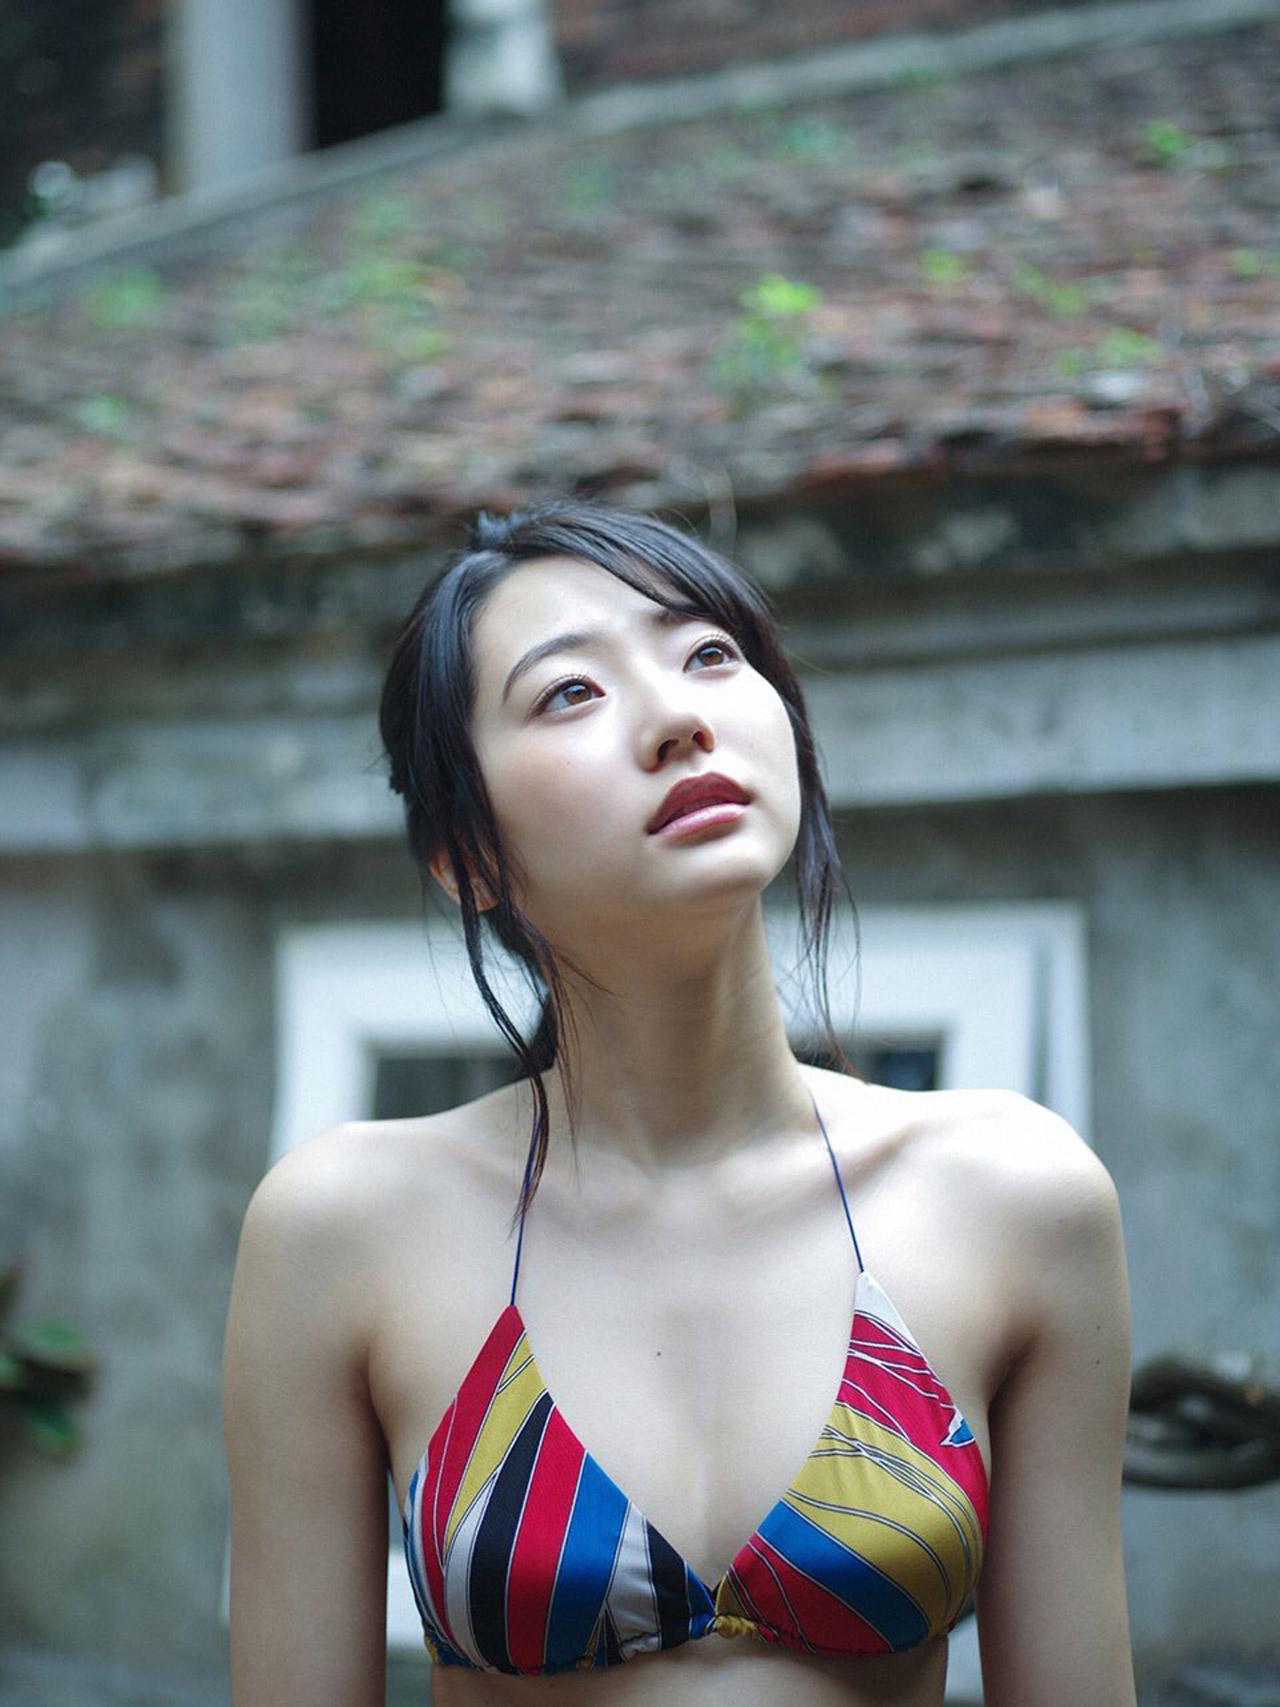 武田玲奈(20)の最新イメージDVD&グラビアエロ画像115枚・54枚目の画像